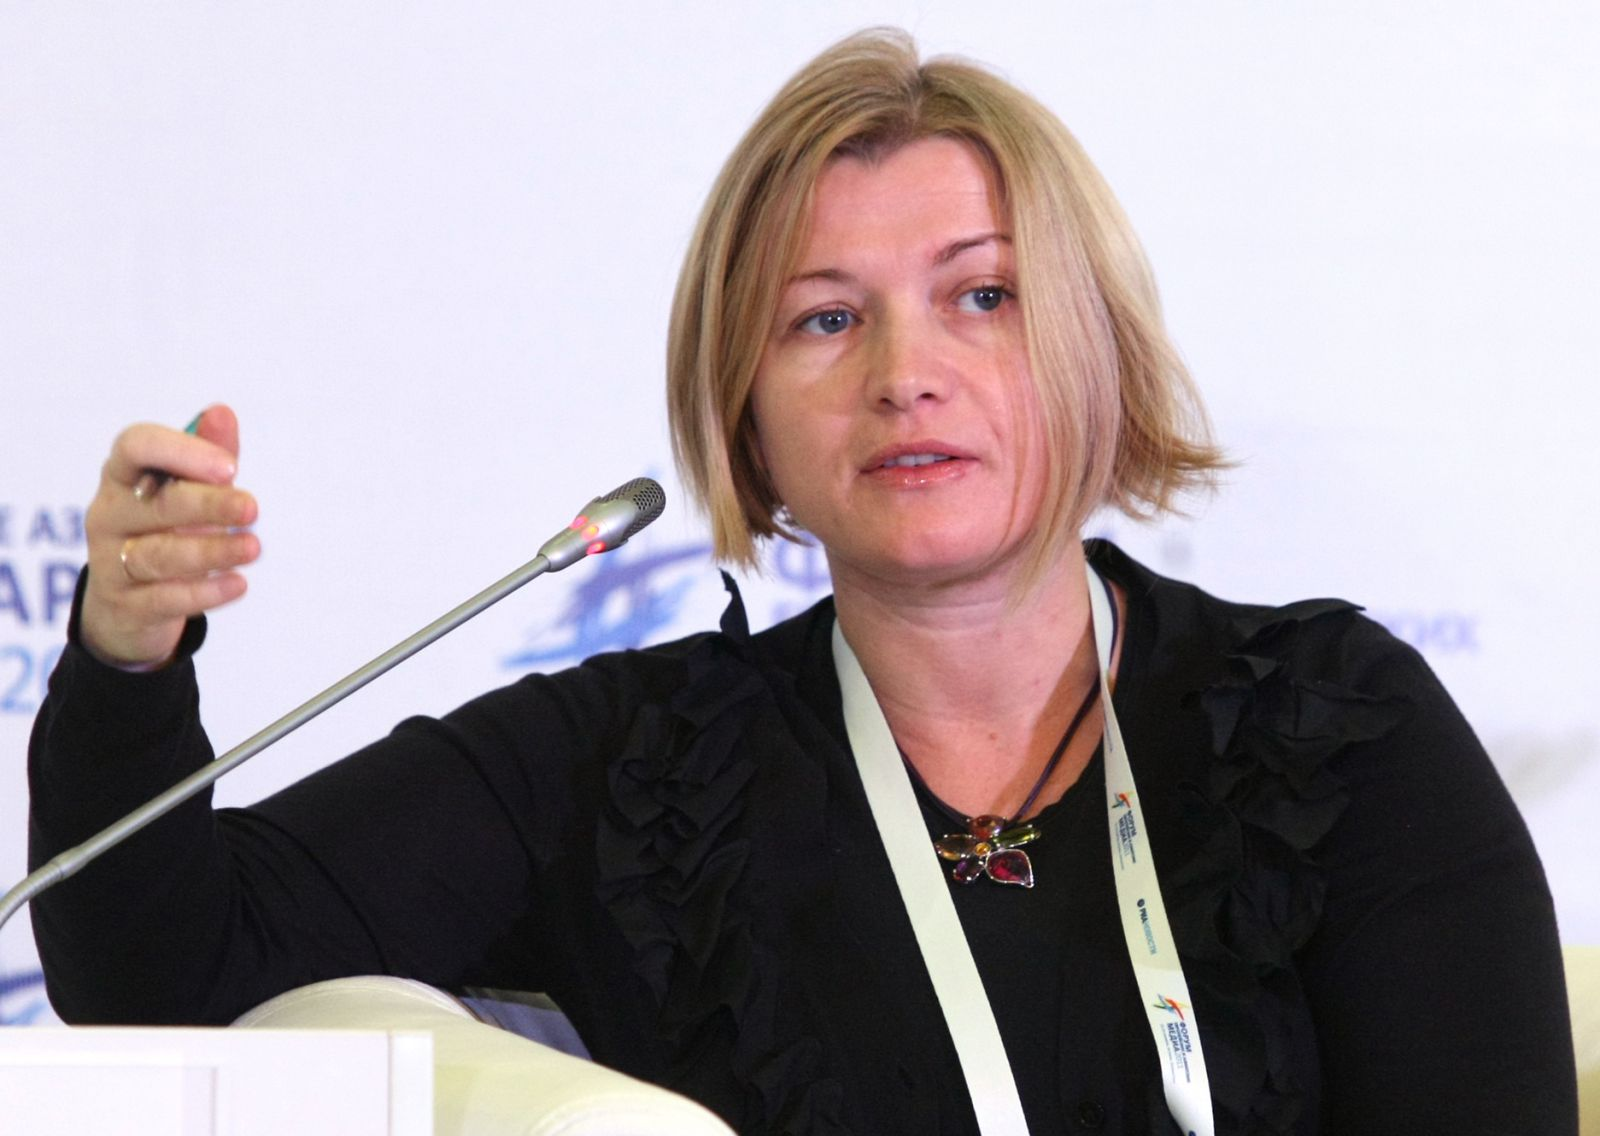 Геращенко заявила что, Ляшко должен извиниться за то, какое дерьмо он провел в парламент